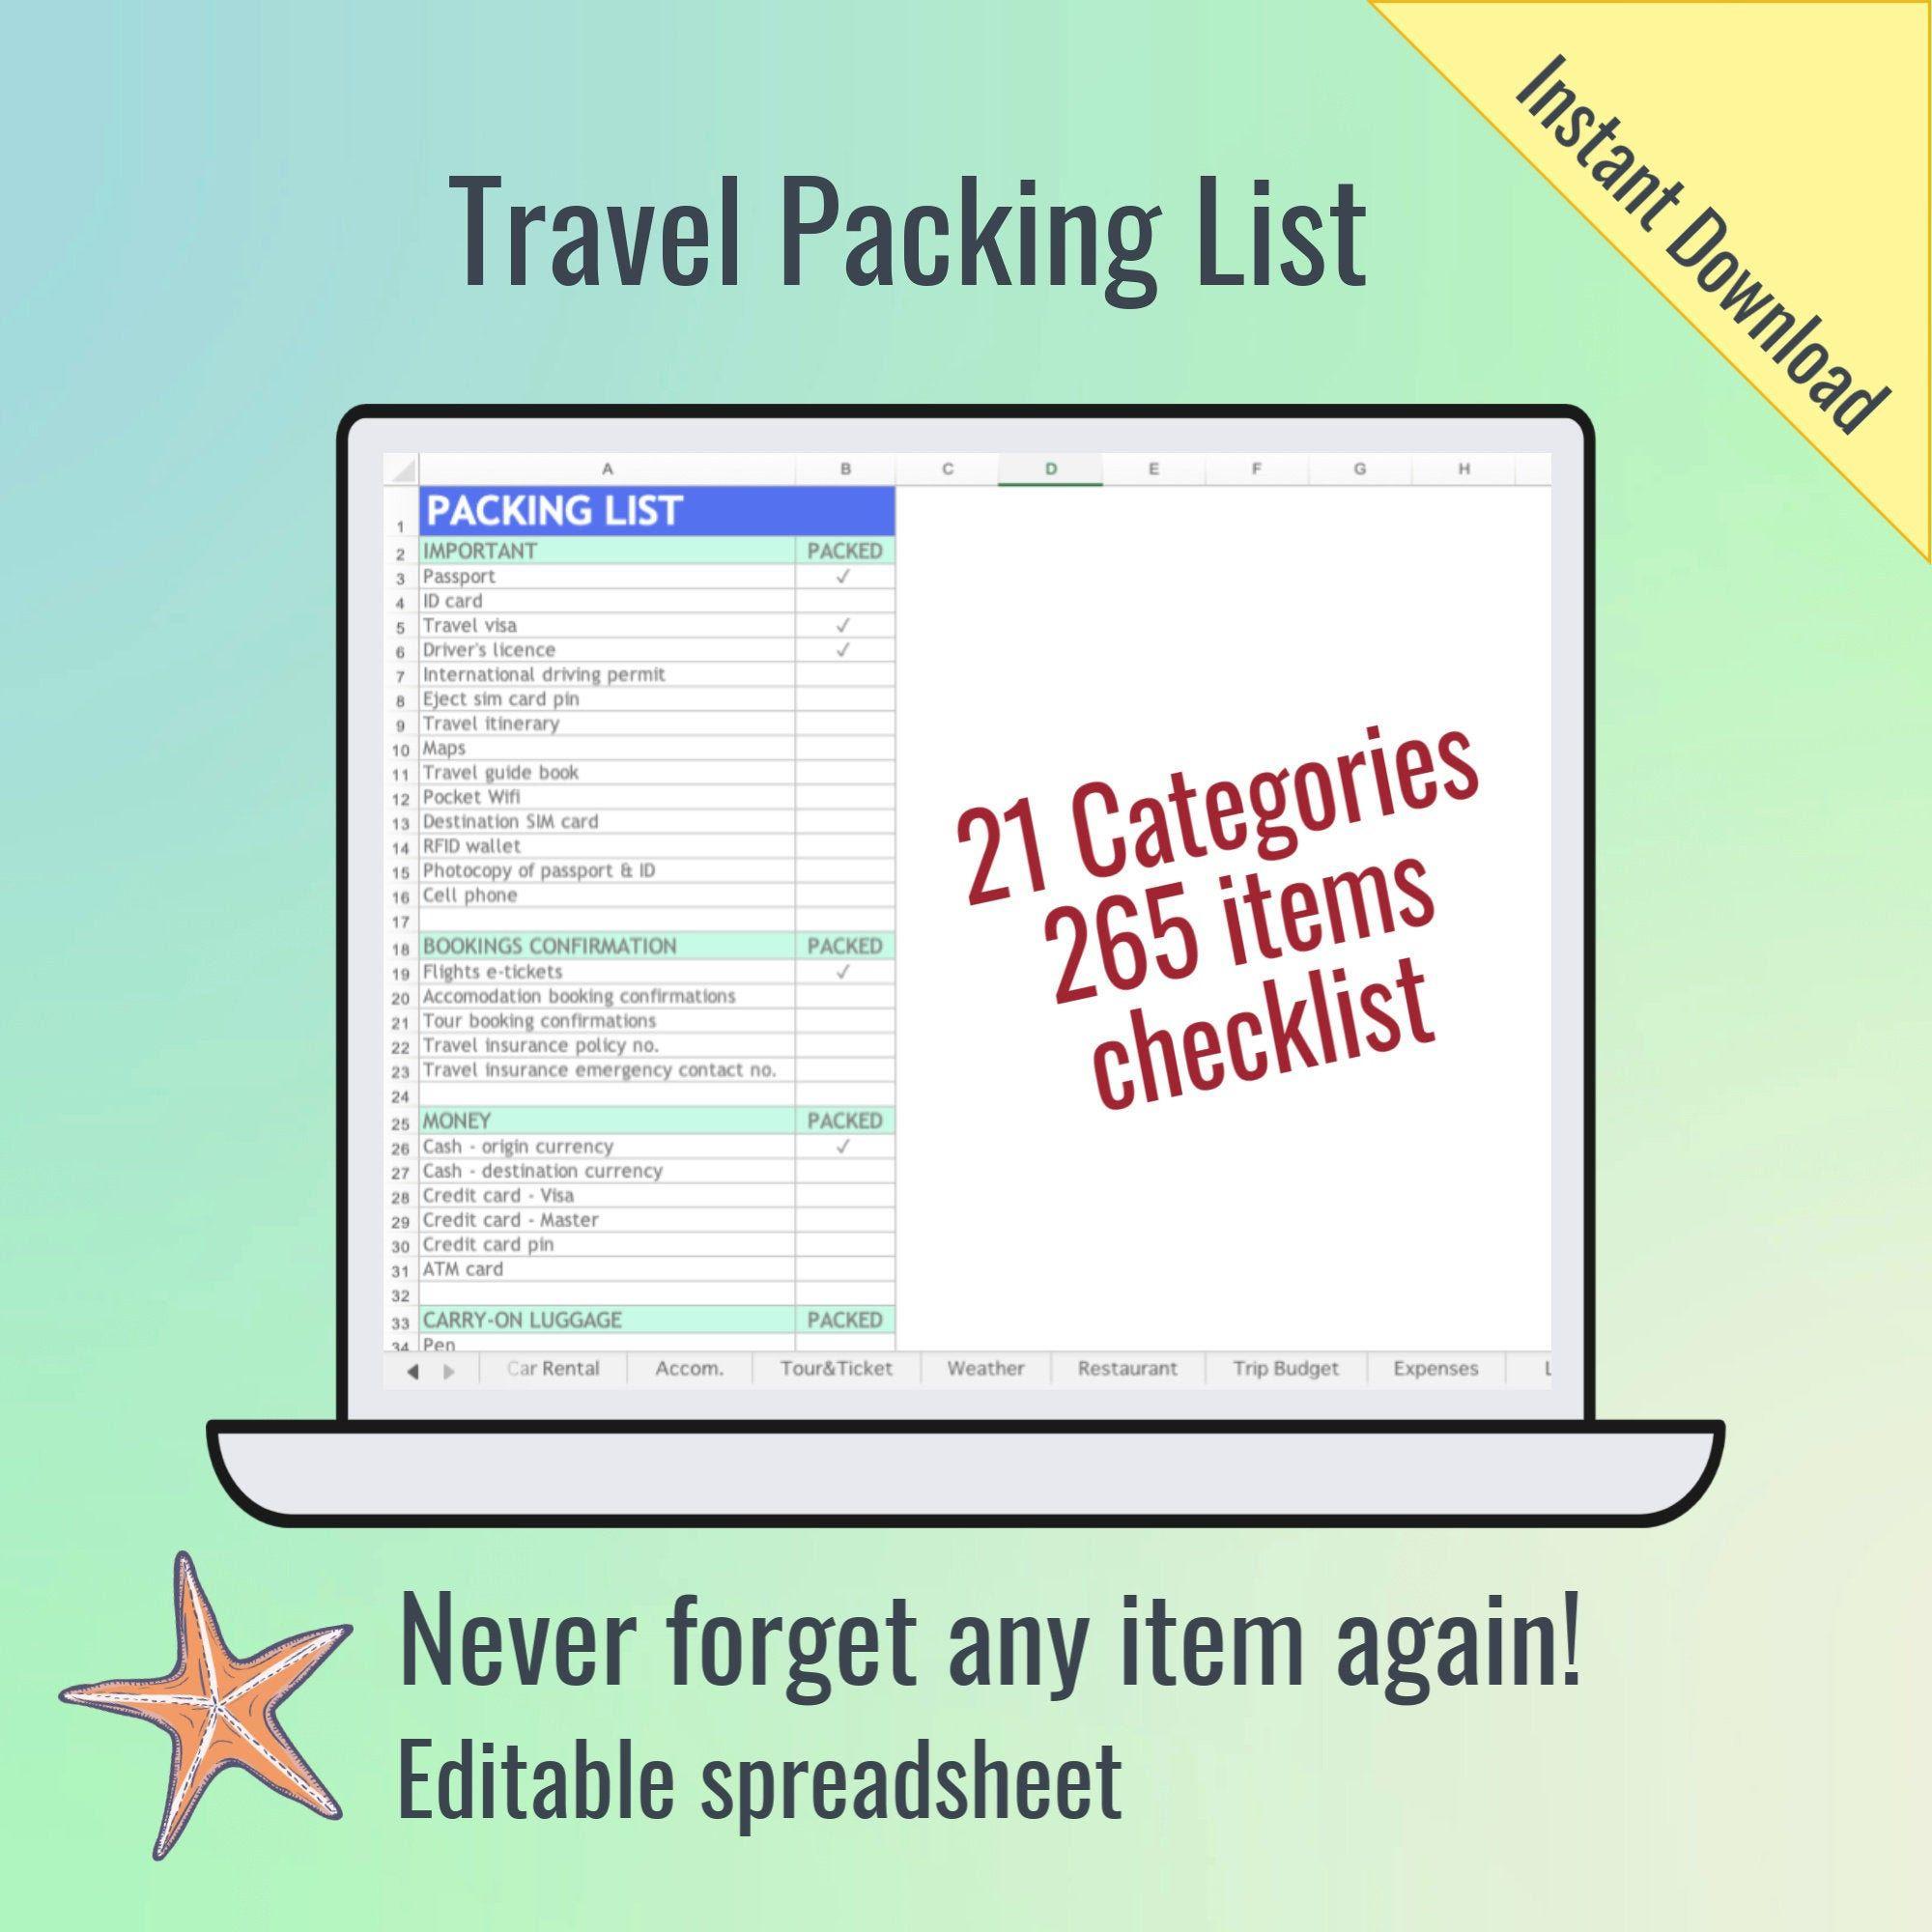 Travel Packing List Sky Blue Spreadsheet Printable Packing List For Travel Packing List Travel Packing